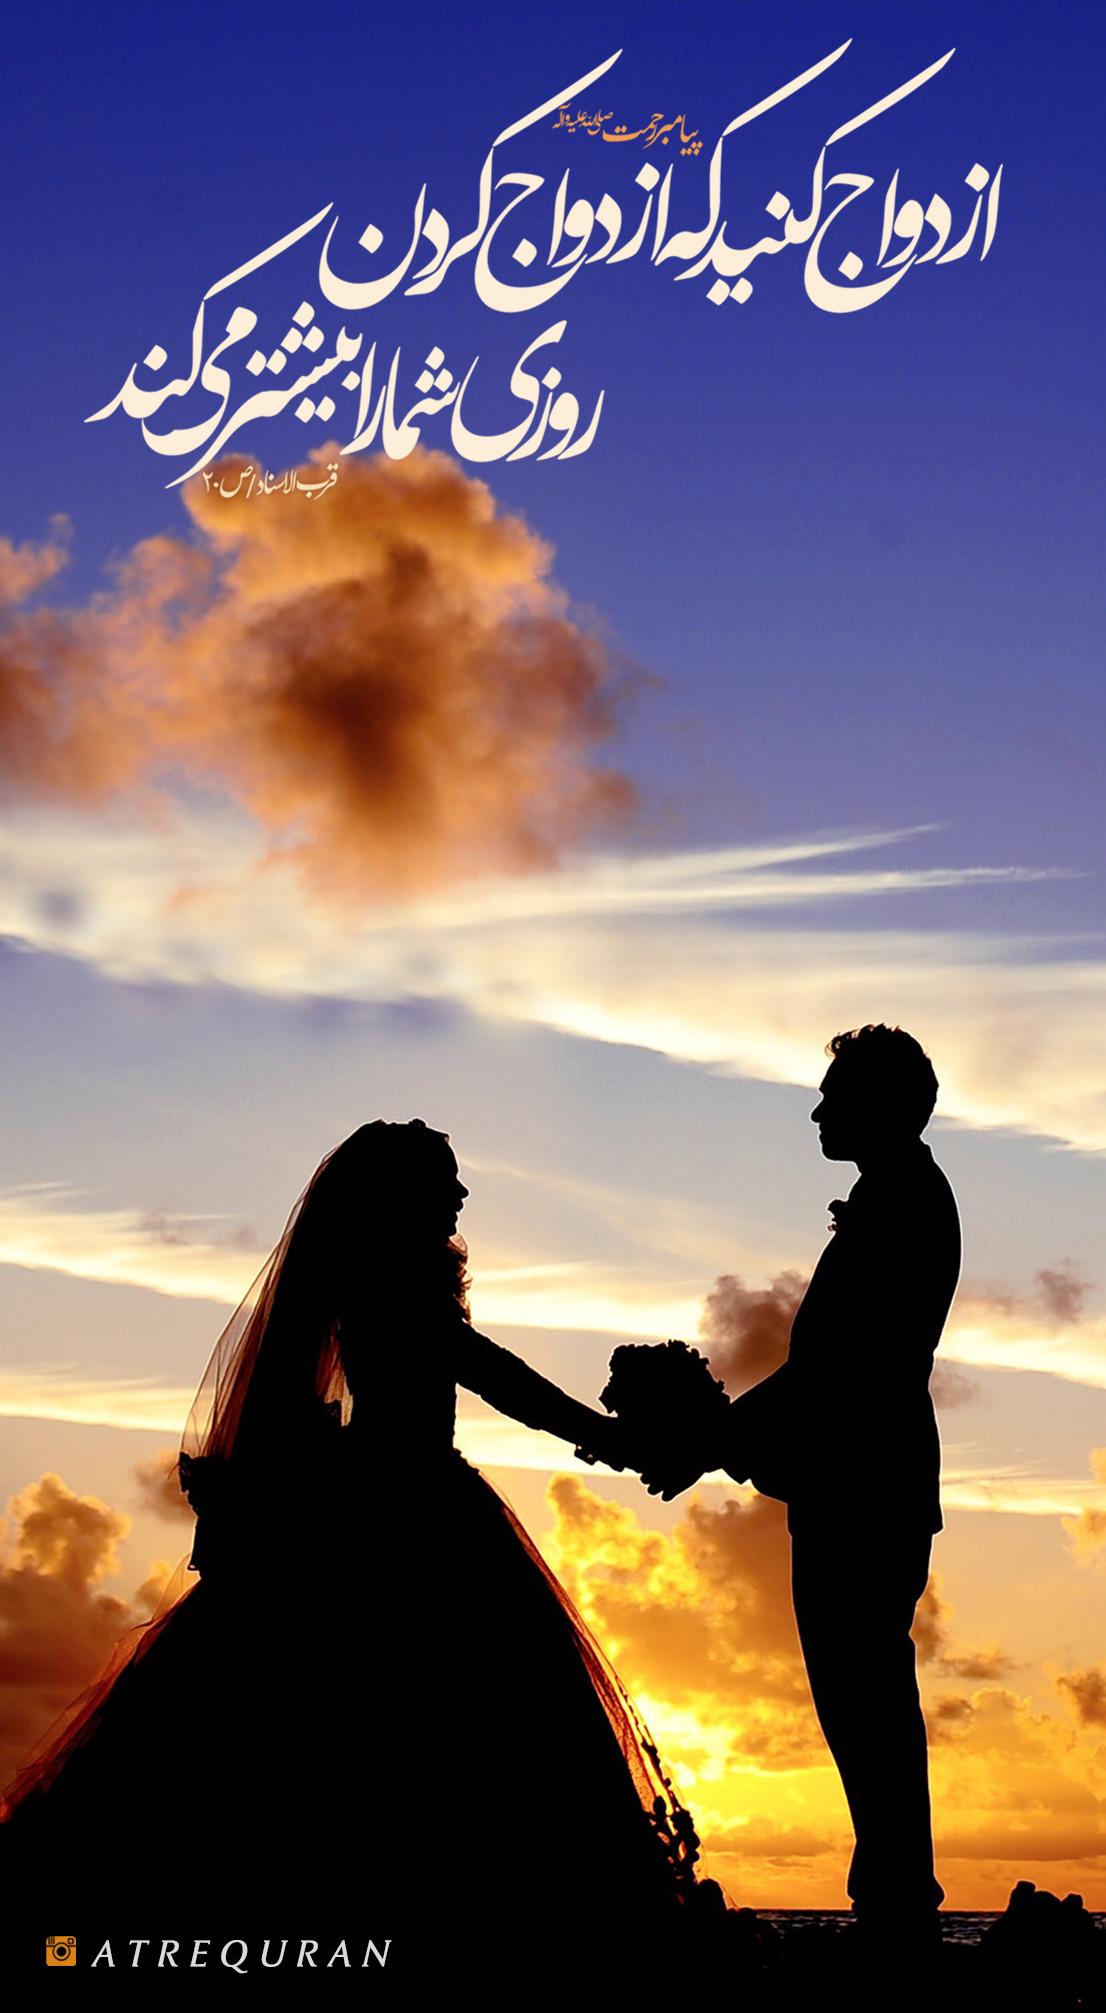 ازدواج کنید كه ازدواج كردن روزى شما را بيشتر مى كند